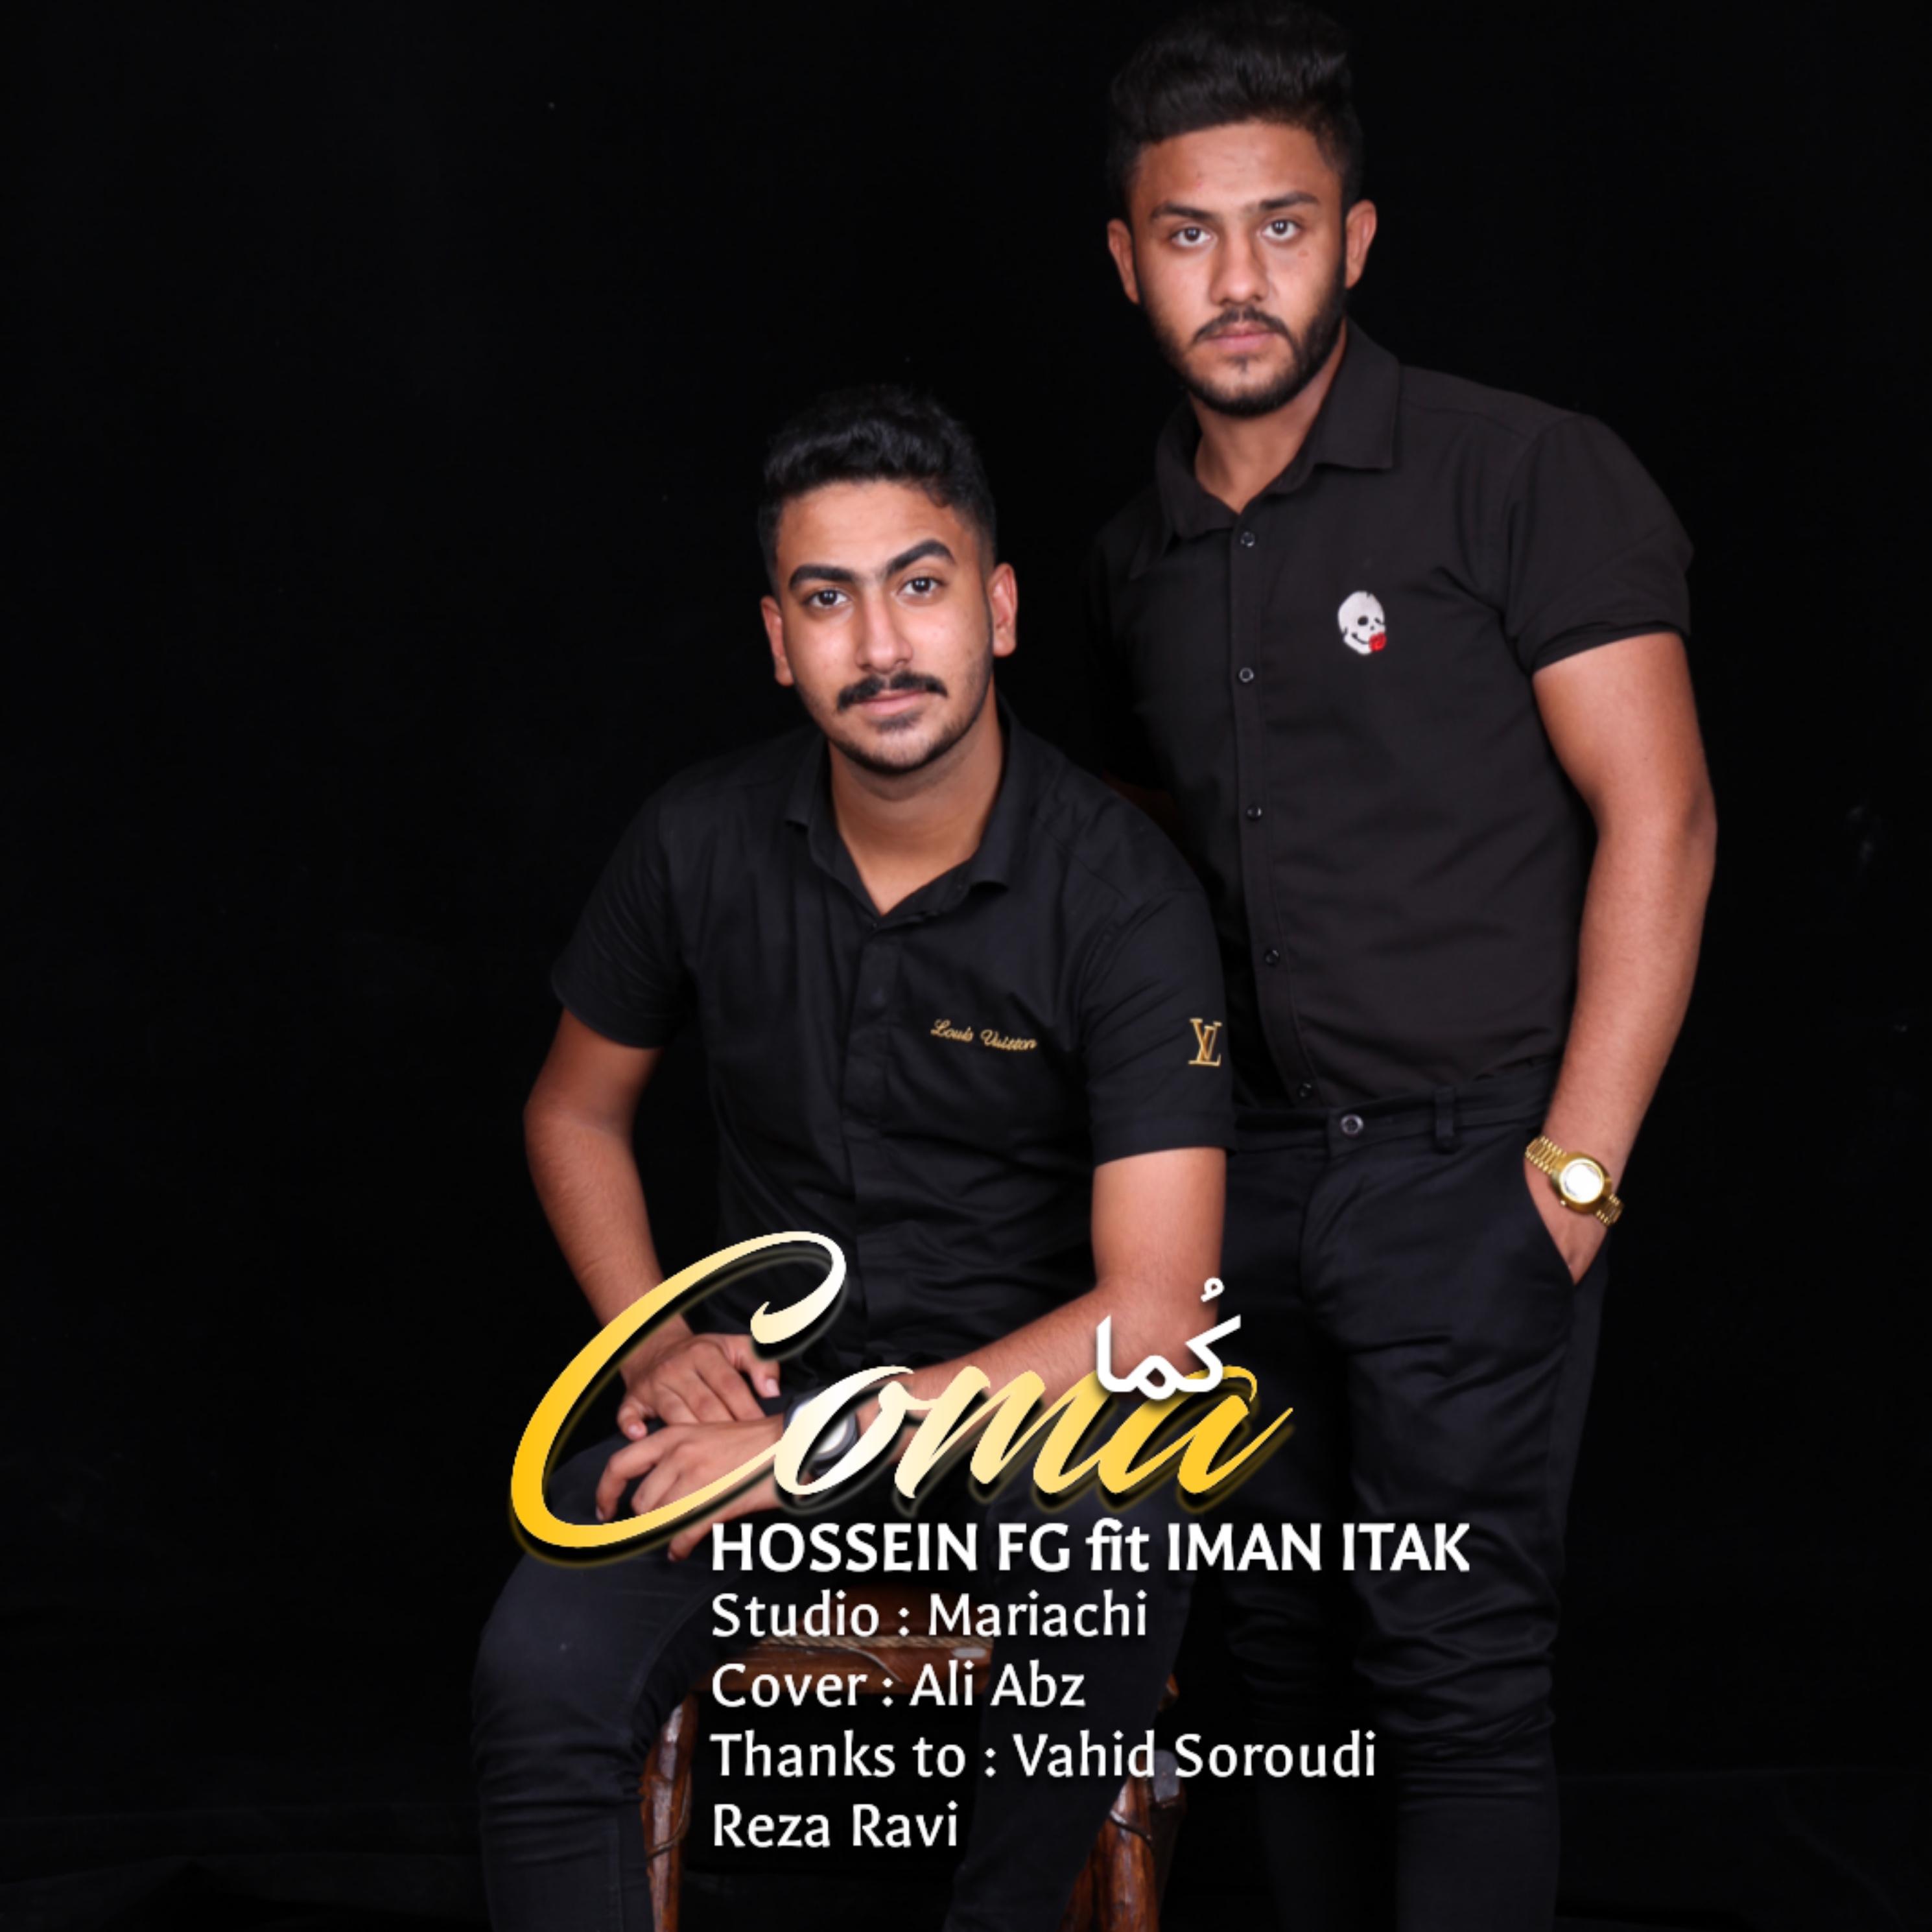 Iman Itak & Hosein FG – Coma